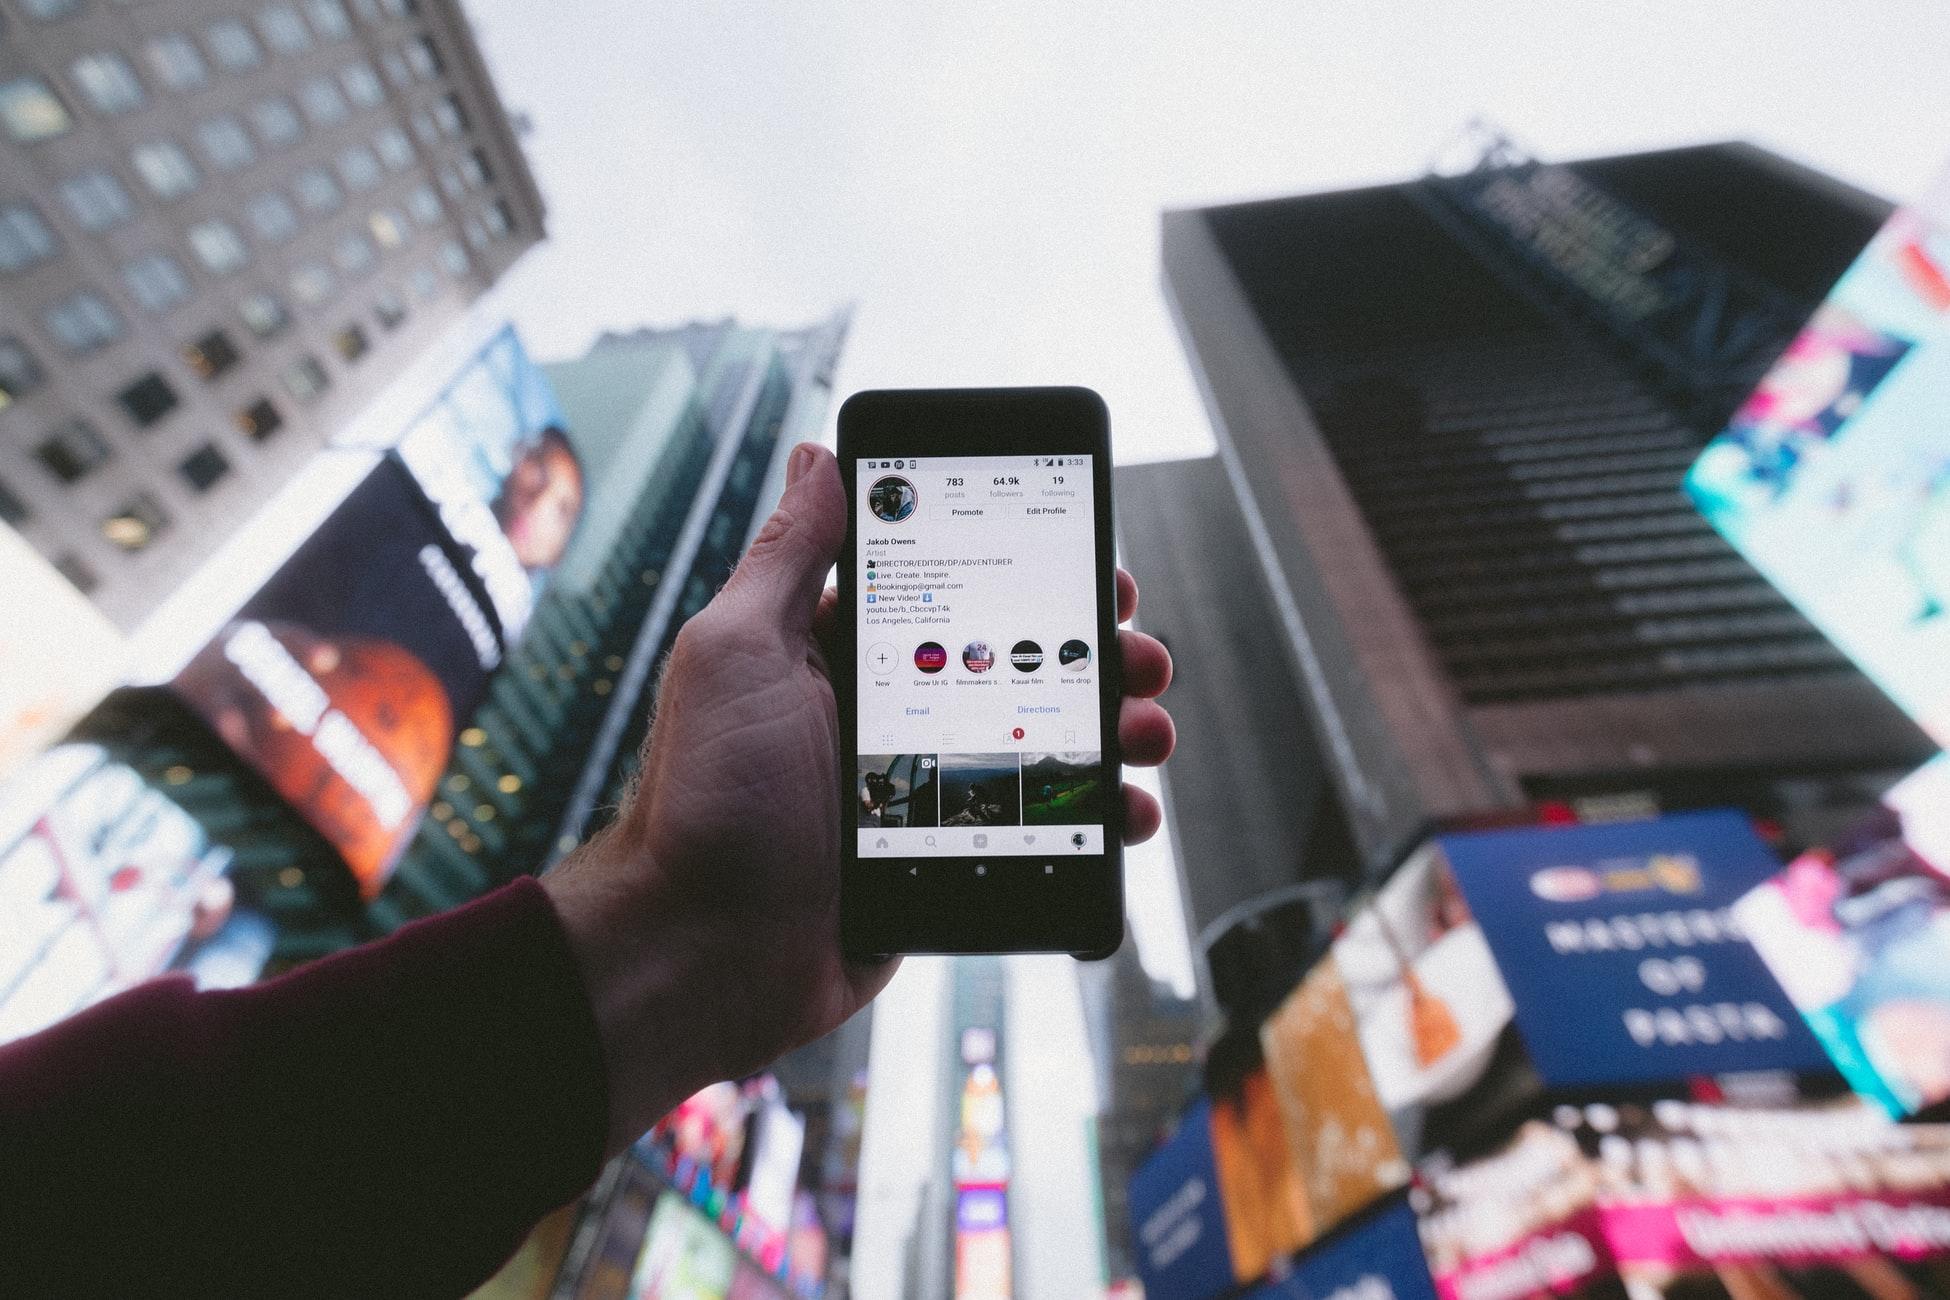 Mehr Reichweite auf Instagram ist Thema im Text. Hier im Bild wird ein Handy mit der Insta-App in den Himmel einer Großstadt gehalten.